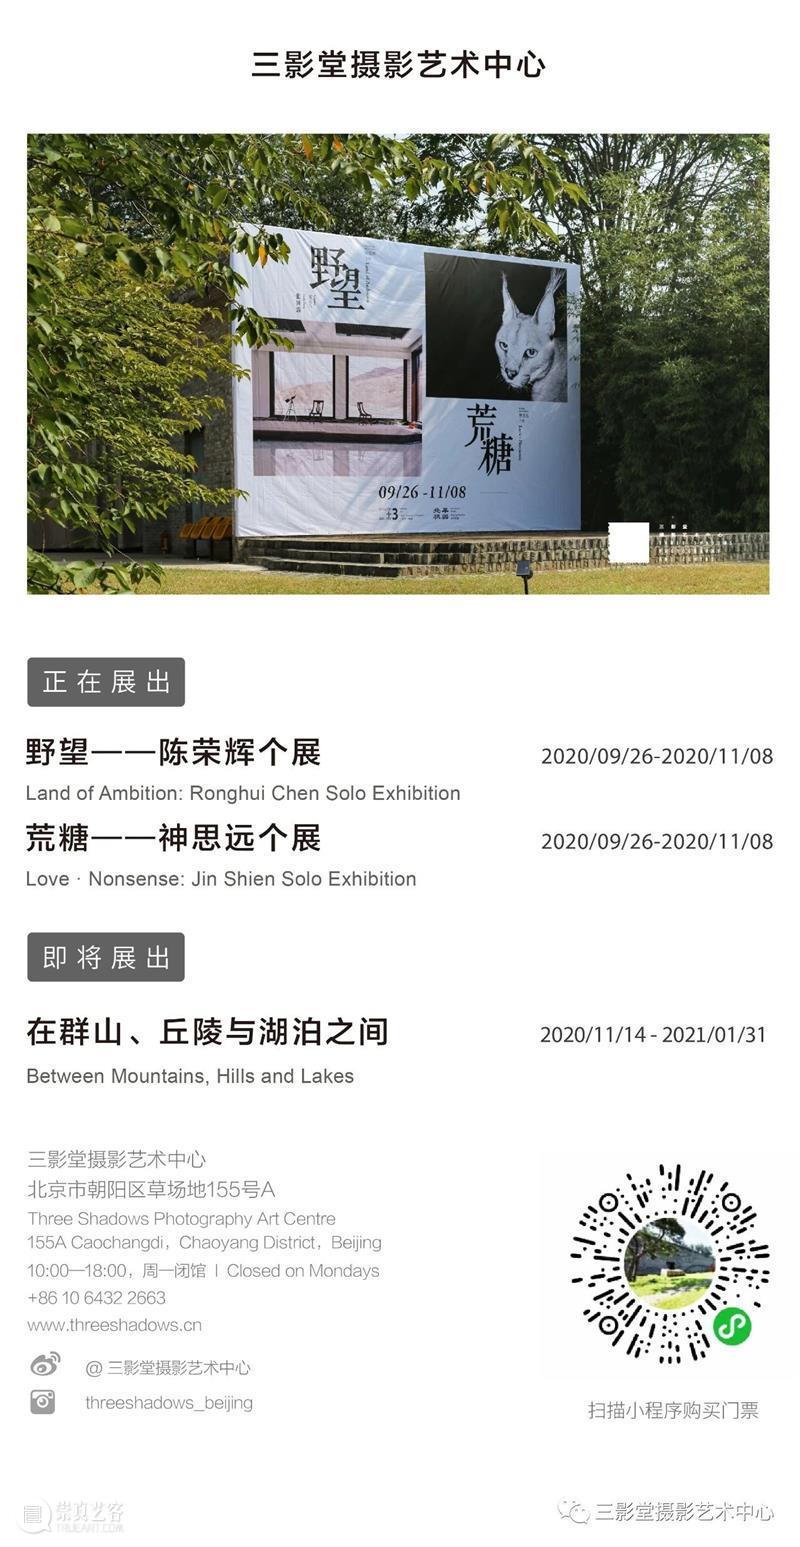 闭馆通知 北京三影堂将于10月16日至10月20日闭馆 北京 通知 三影堂 观众 朋友 内部 活动 三影堂摄影艺术中心 常闭馆 时间 崇真艺客